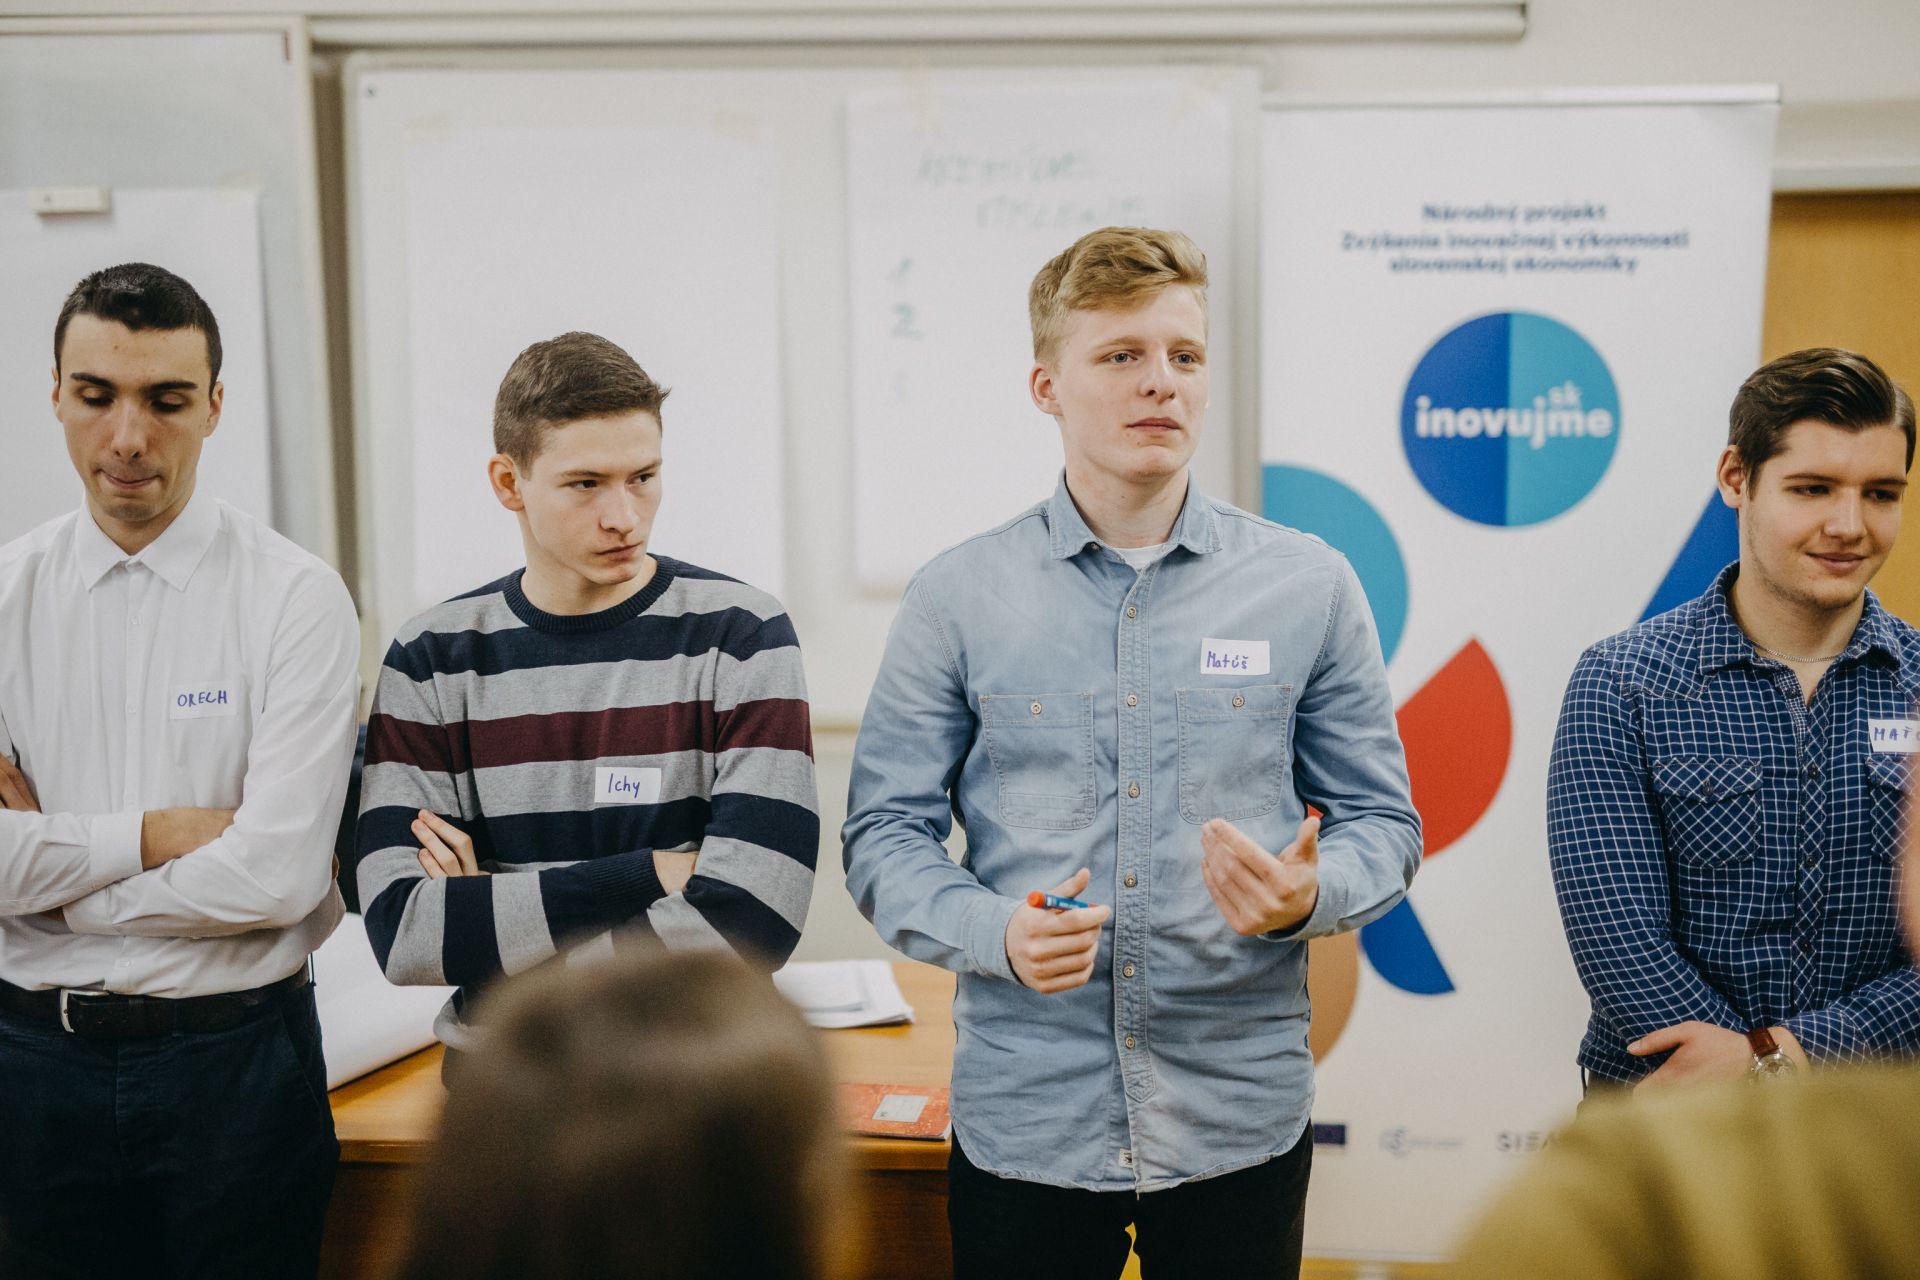 Inovačný workshop, Gymnázium, Malacky, 25. 1. 2018